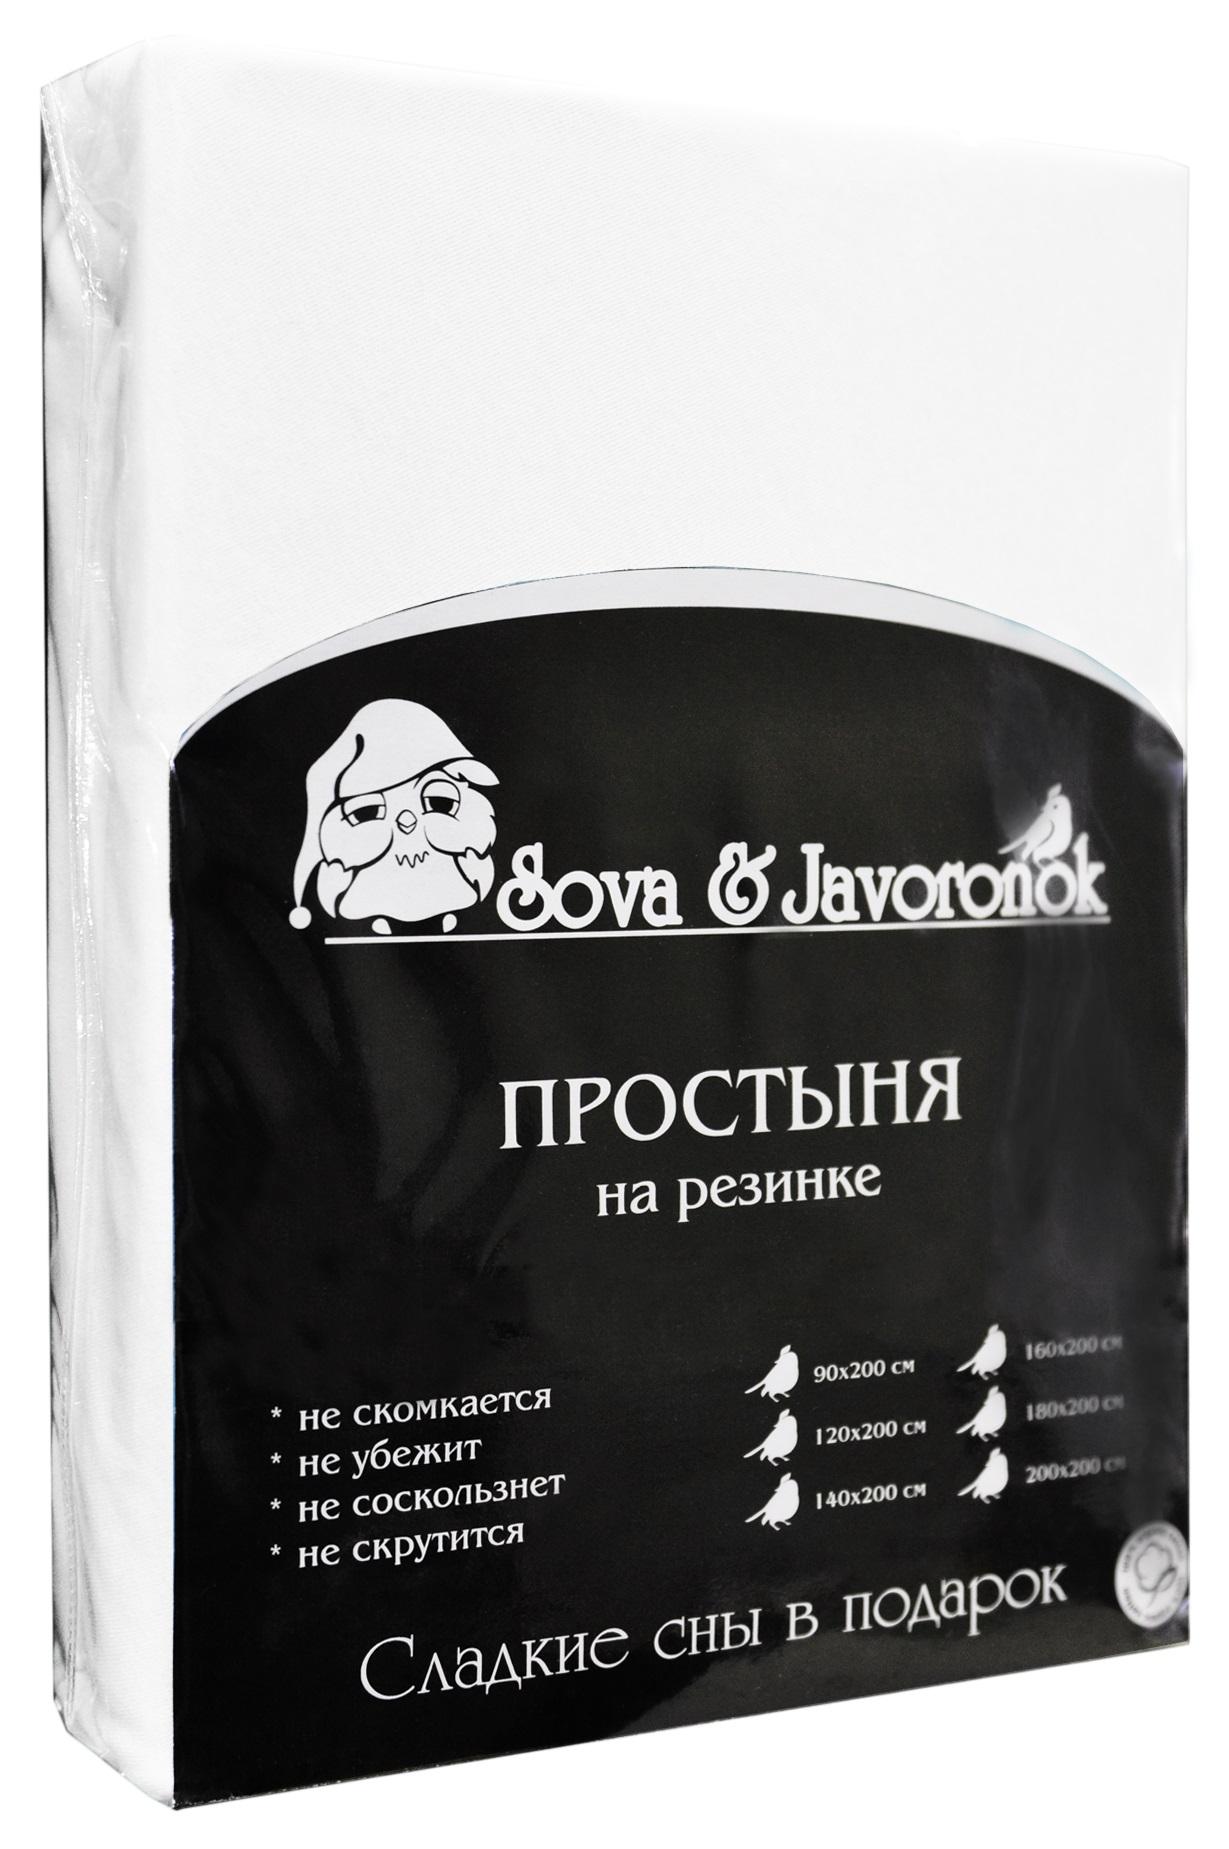 Простыня на резинке Sova & Javoronok, цвет: белый, 120 см х 200 см0803114202Простыня на резинке Sova & Javoronok, изготовленная из трикотажной ткани (100% хлопок), будет превосходно смотреться с любыми комплектами белья. Хлопчатобумажный трикотаж по праву считается одним из самых качественных, прочных и при этом приятных на ощупь. Его гигиеничность позволяет использовать простыню и в детских комнатах, к тому же 100%-ый хлопок в составе ткани не вызовет аллергии. У трикотажного полотна очень интересная структура, немного рыхлая за счет отсутствия плотного переплетения нитей и наличия особых петель, благодаря этому простыня Сова и Жаворонок отлично пропускает воздух и способствует его постоянной циркуляции. Поэтому ваша постель будет всегда оставаться свежей. Но главное и, пожалуй, самое известное свойство трикотажа - это его великолепная растяжимость, поэтому эта ткань и была выбрана для натяжной простыни на резинке.Простыня прошита резинкой по всему периметру, что обеспечивает более комфортный отдых, так как она прочно удерживается на матрасе и избавляет от необходимости часто поправлять простыню.